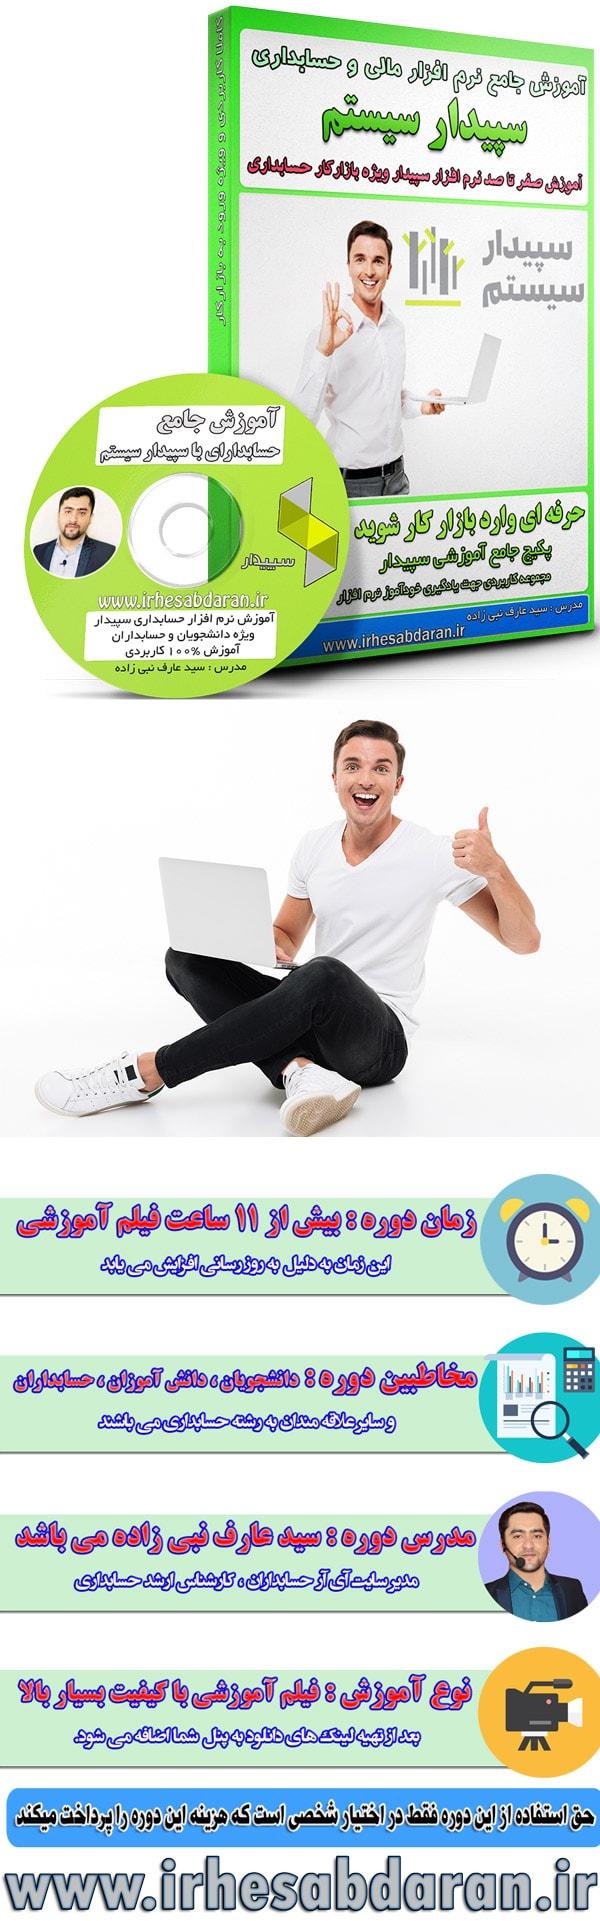 اینفوگرافی دوره آموزش نرم افزار حسابداری سپیدار